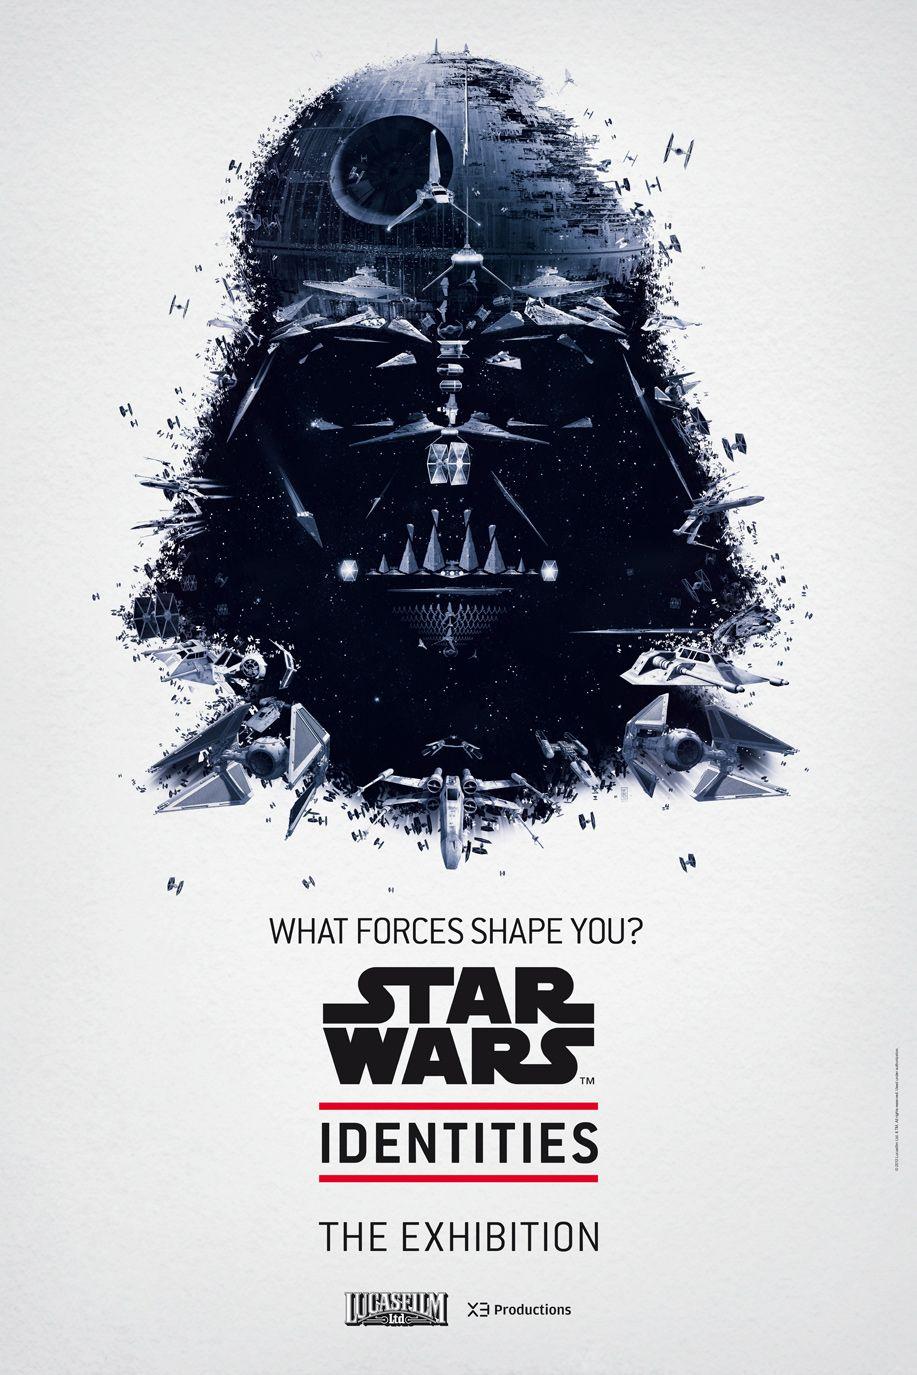 STAR_WARS_Identities_The_Exhibition_Darth_Vader_ibelieveinadv